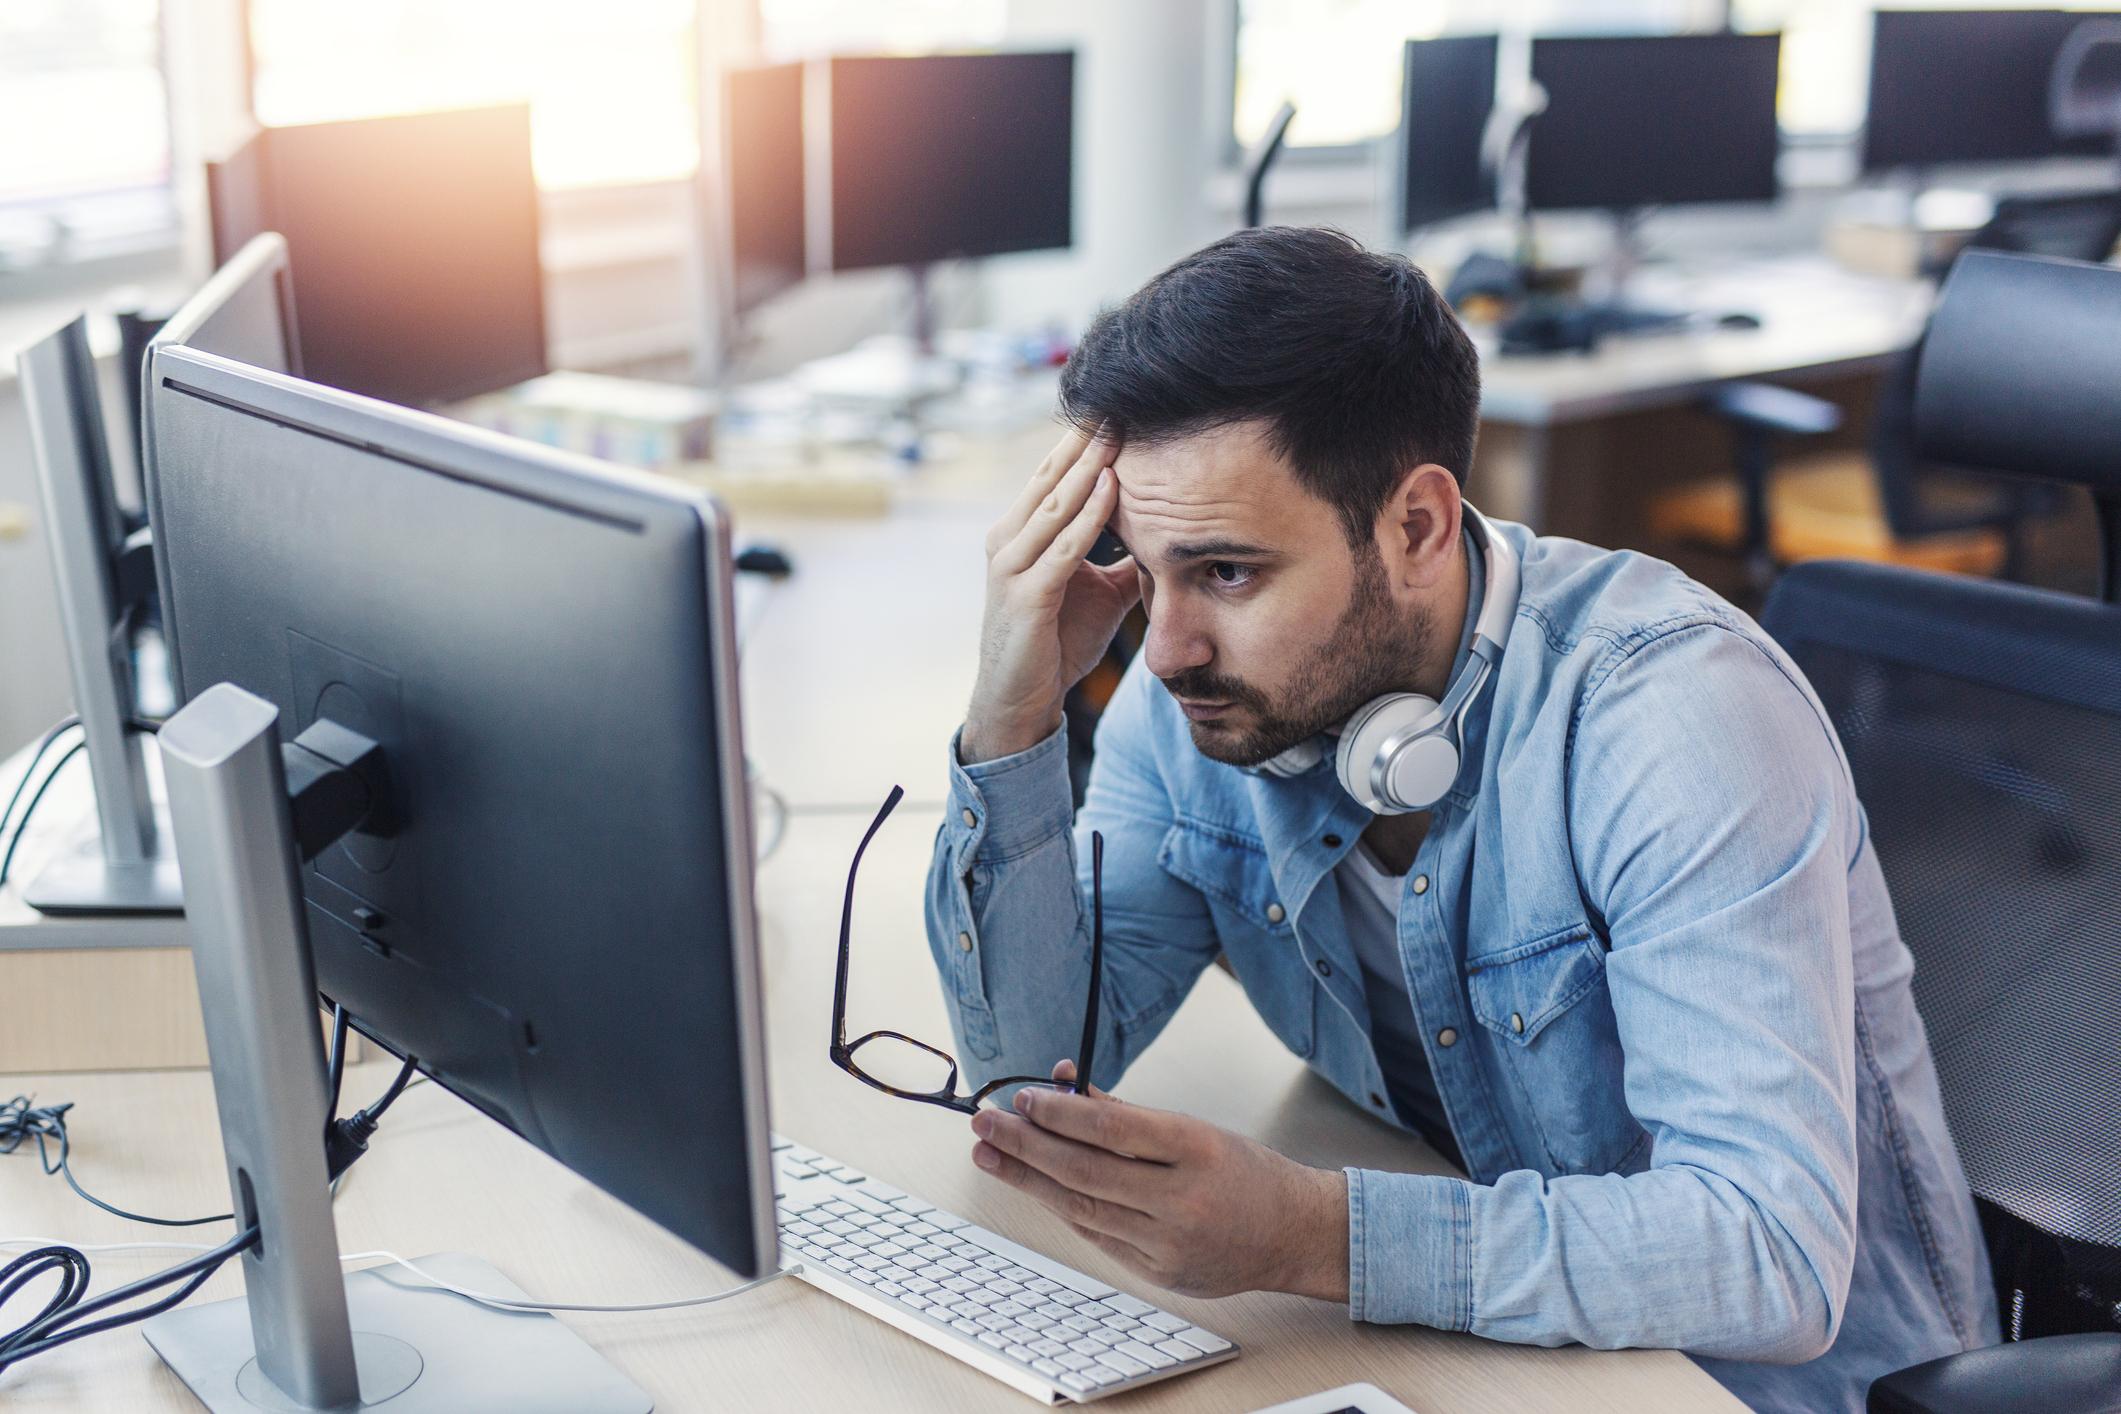 Man at computer frowning